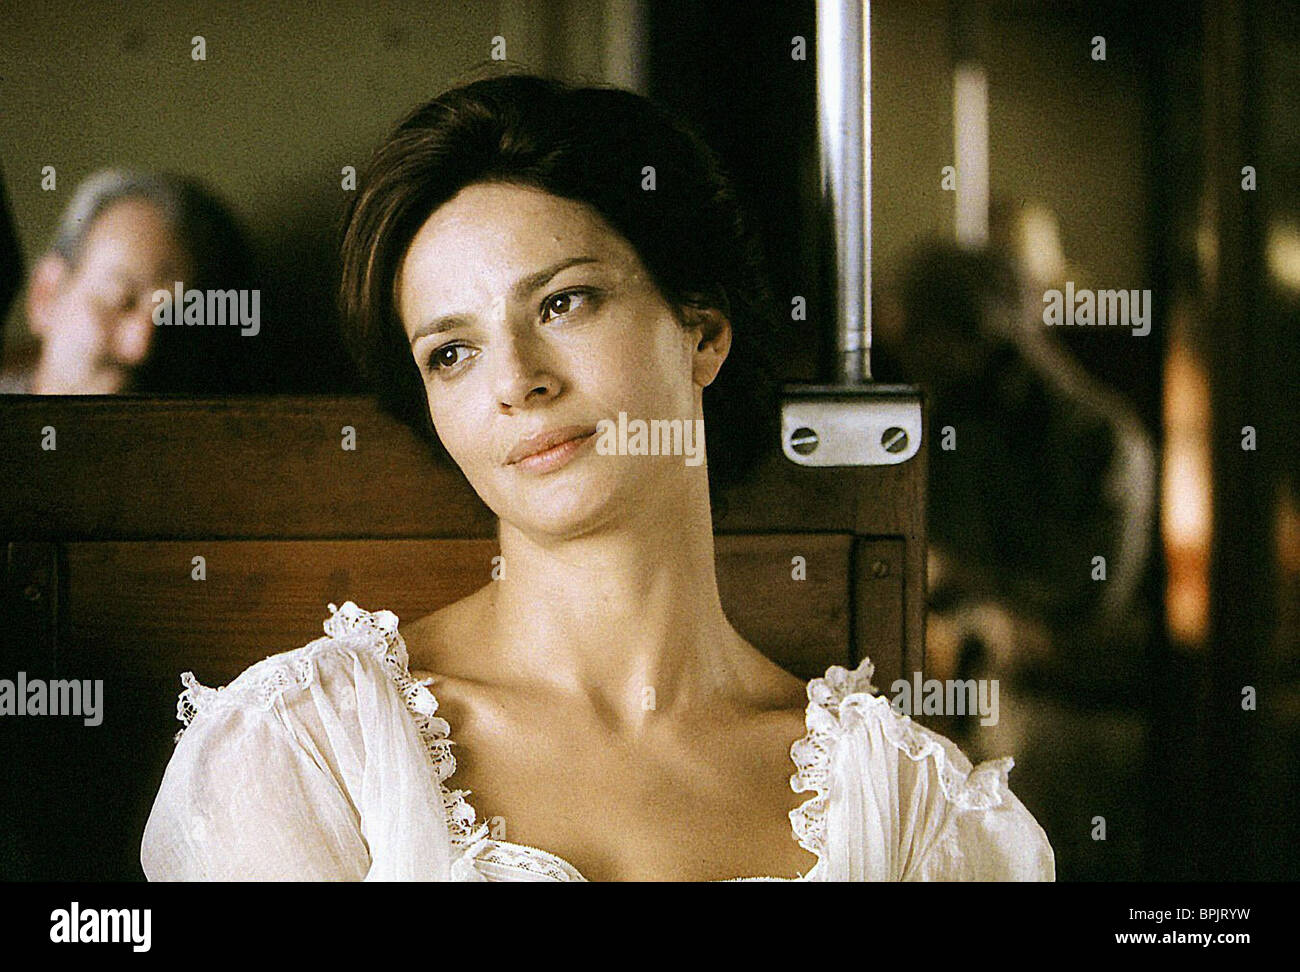 LAURA MORANTE UN VIAGGIO CHIAMATO AMORE (2002) Stockbild